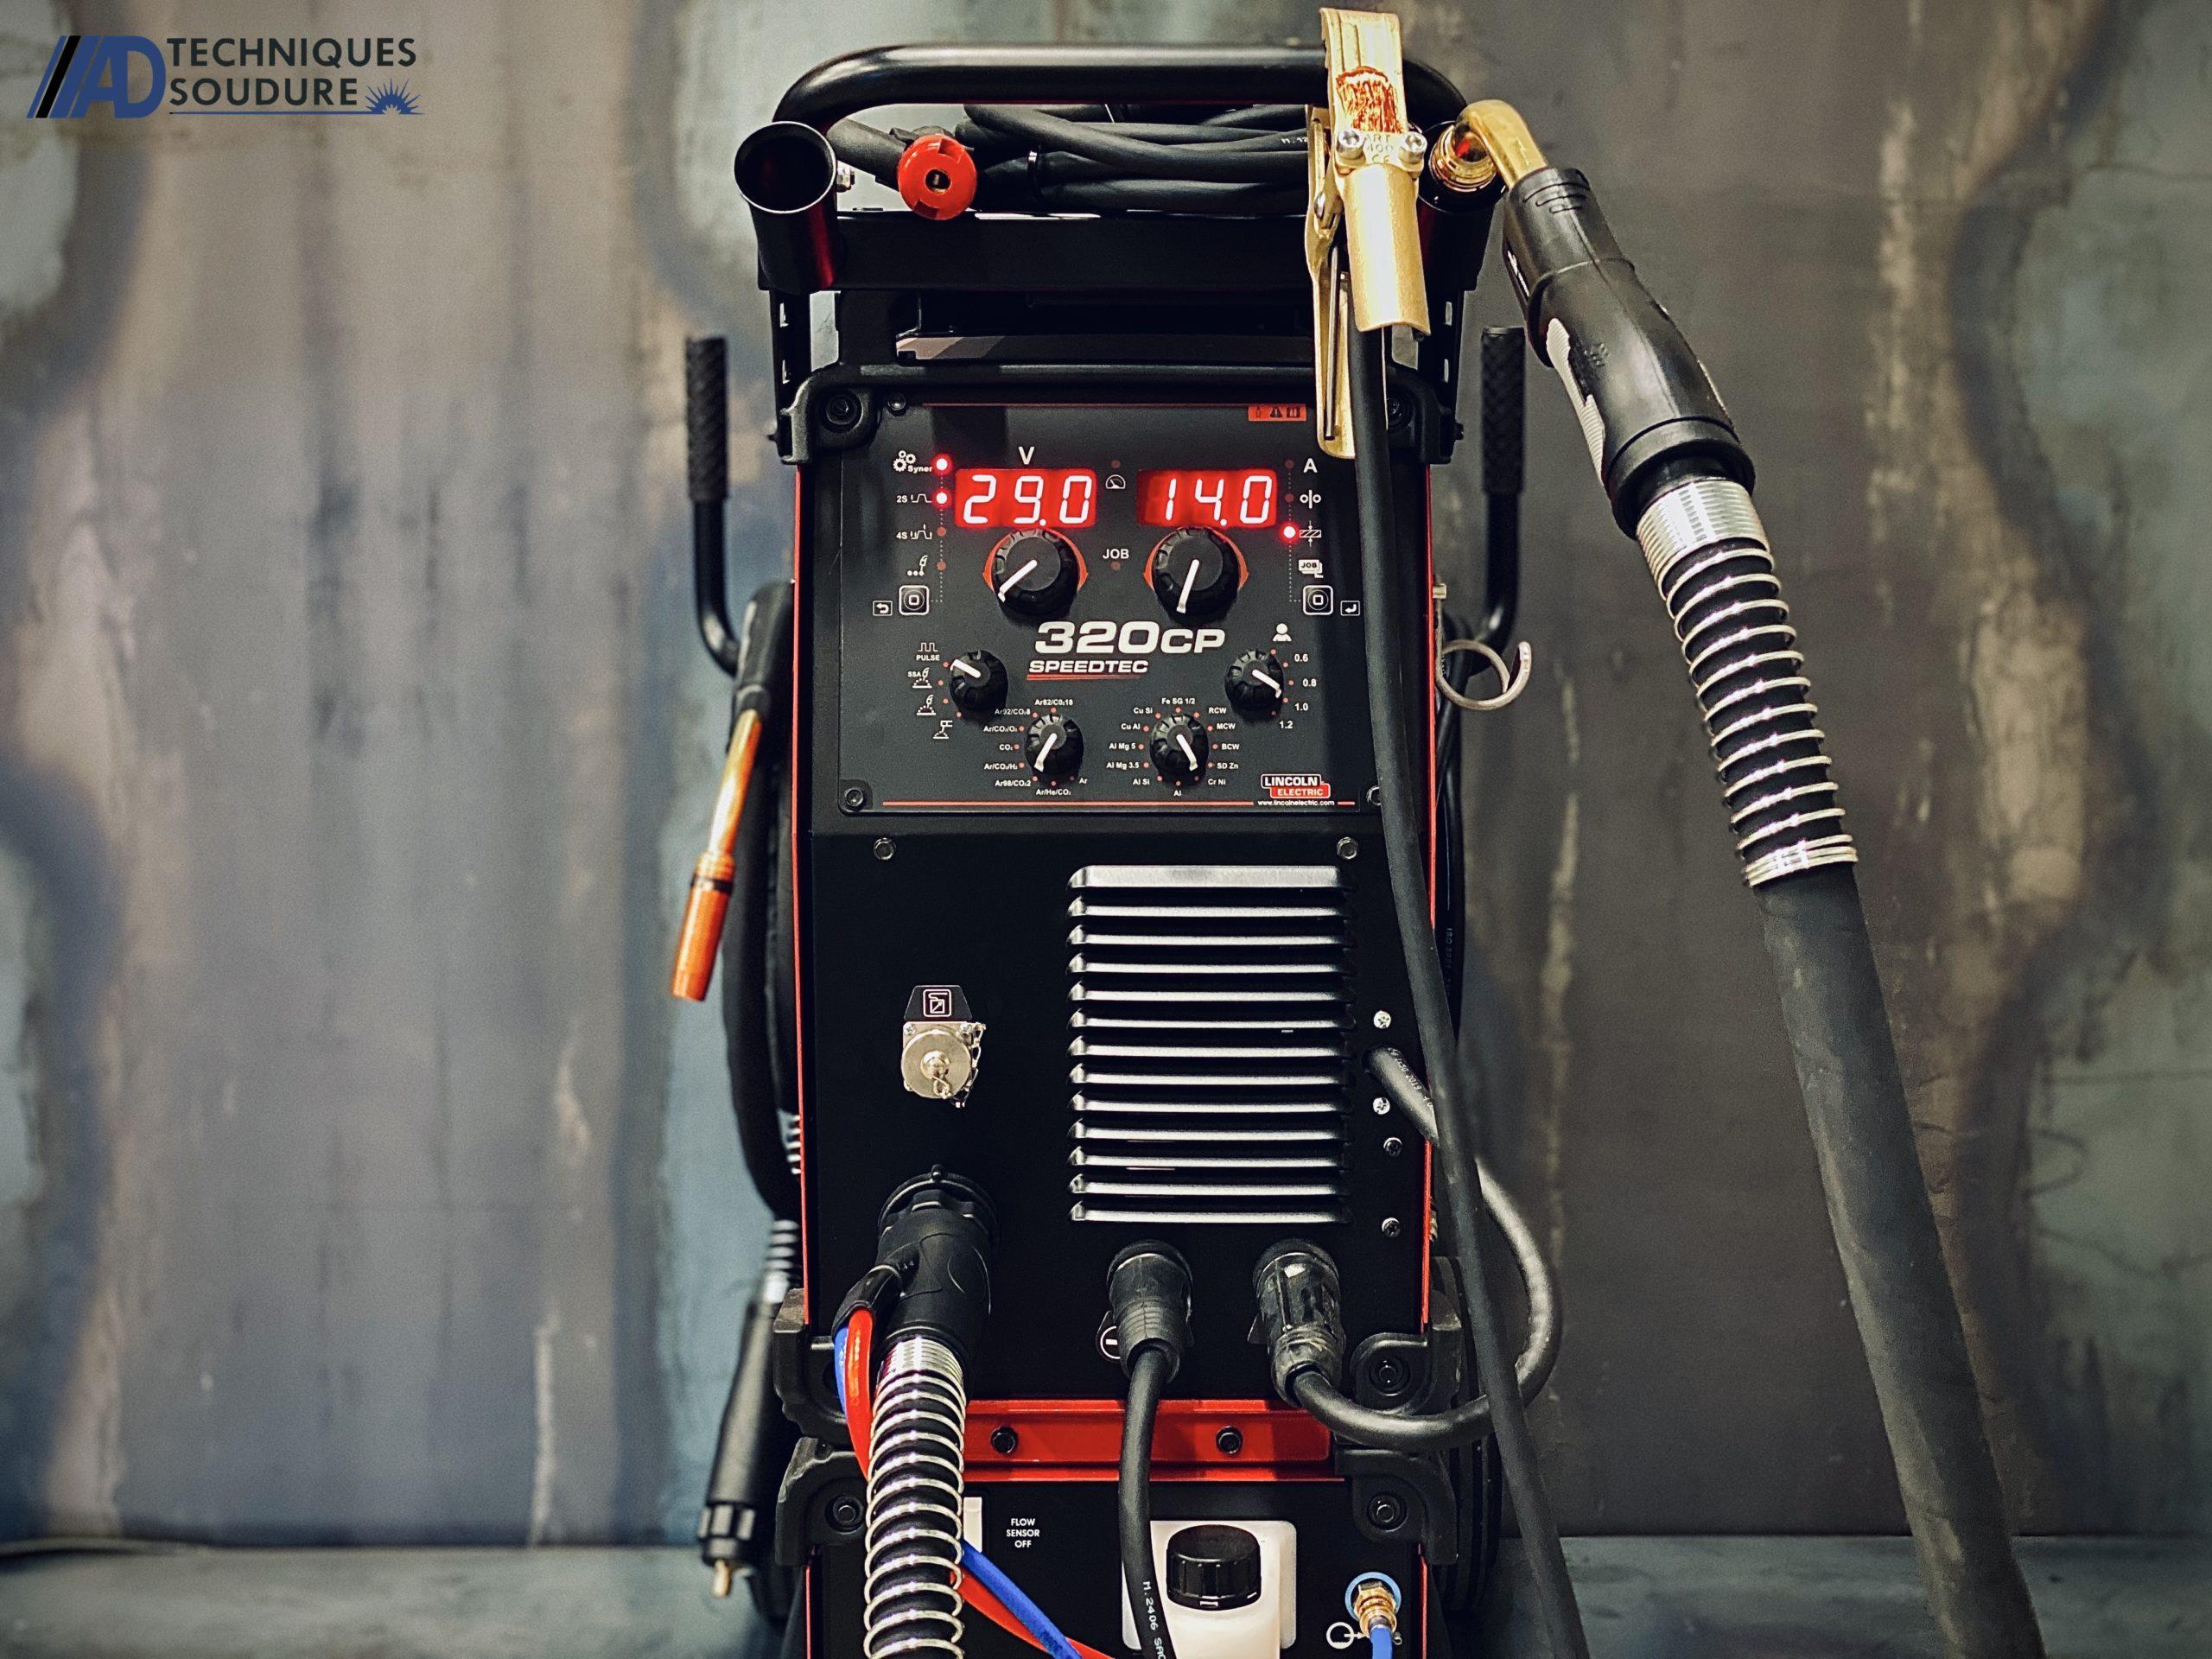 Poste à souder MIG/MAG SPEEDTEC 320CP Lincoln Electric triphasé